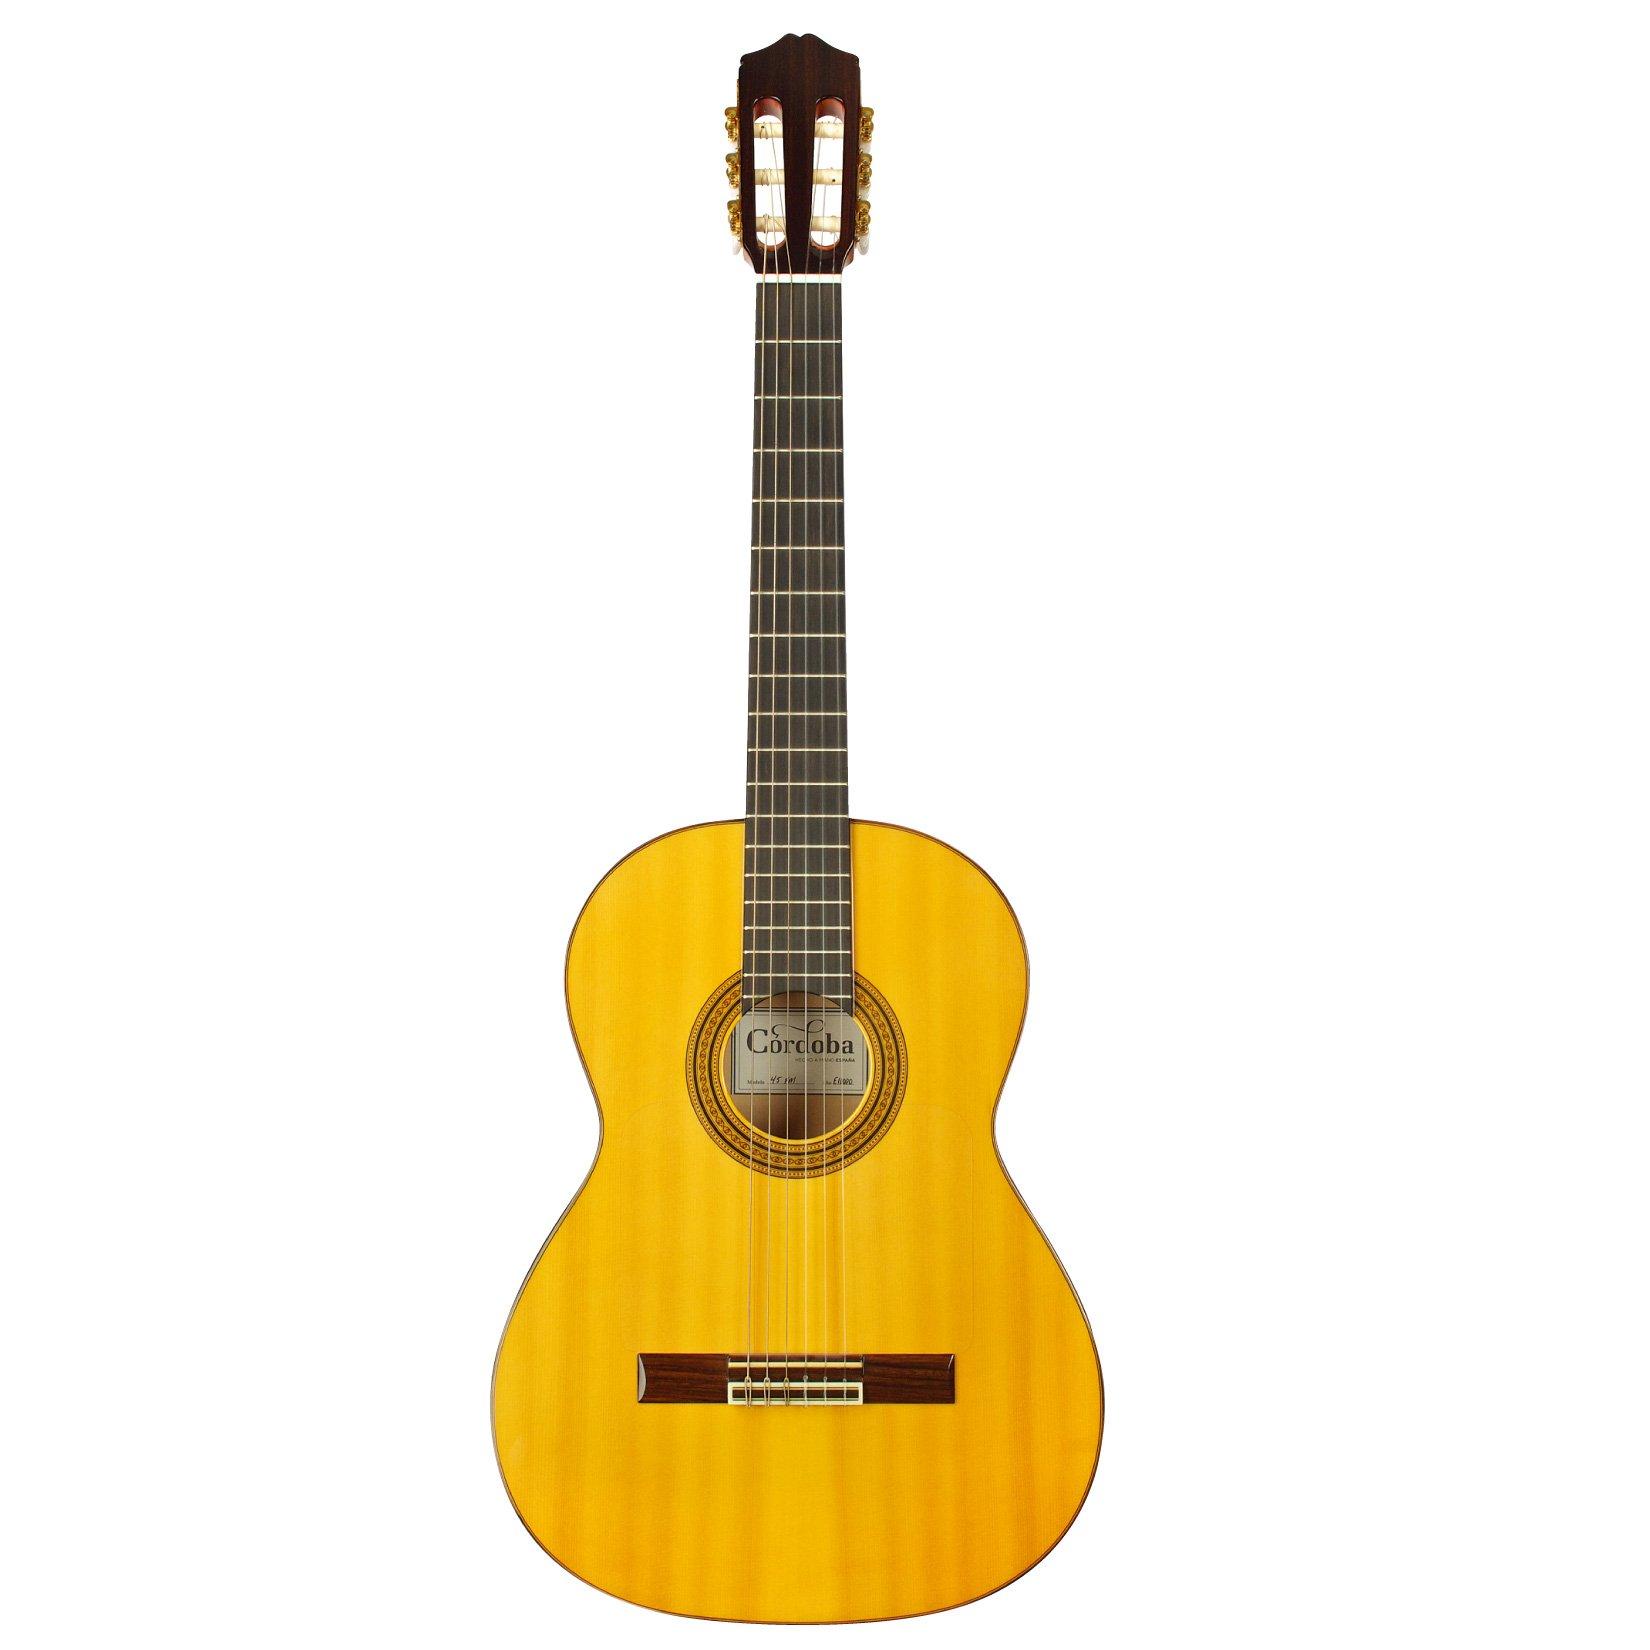 Guitarras clásicos Cordoba Espana 45 FM + funda clásicos 4/4 ...